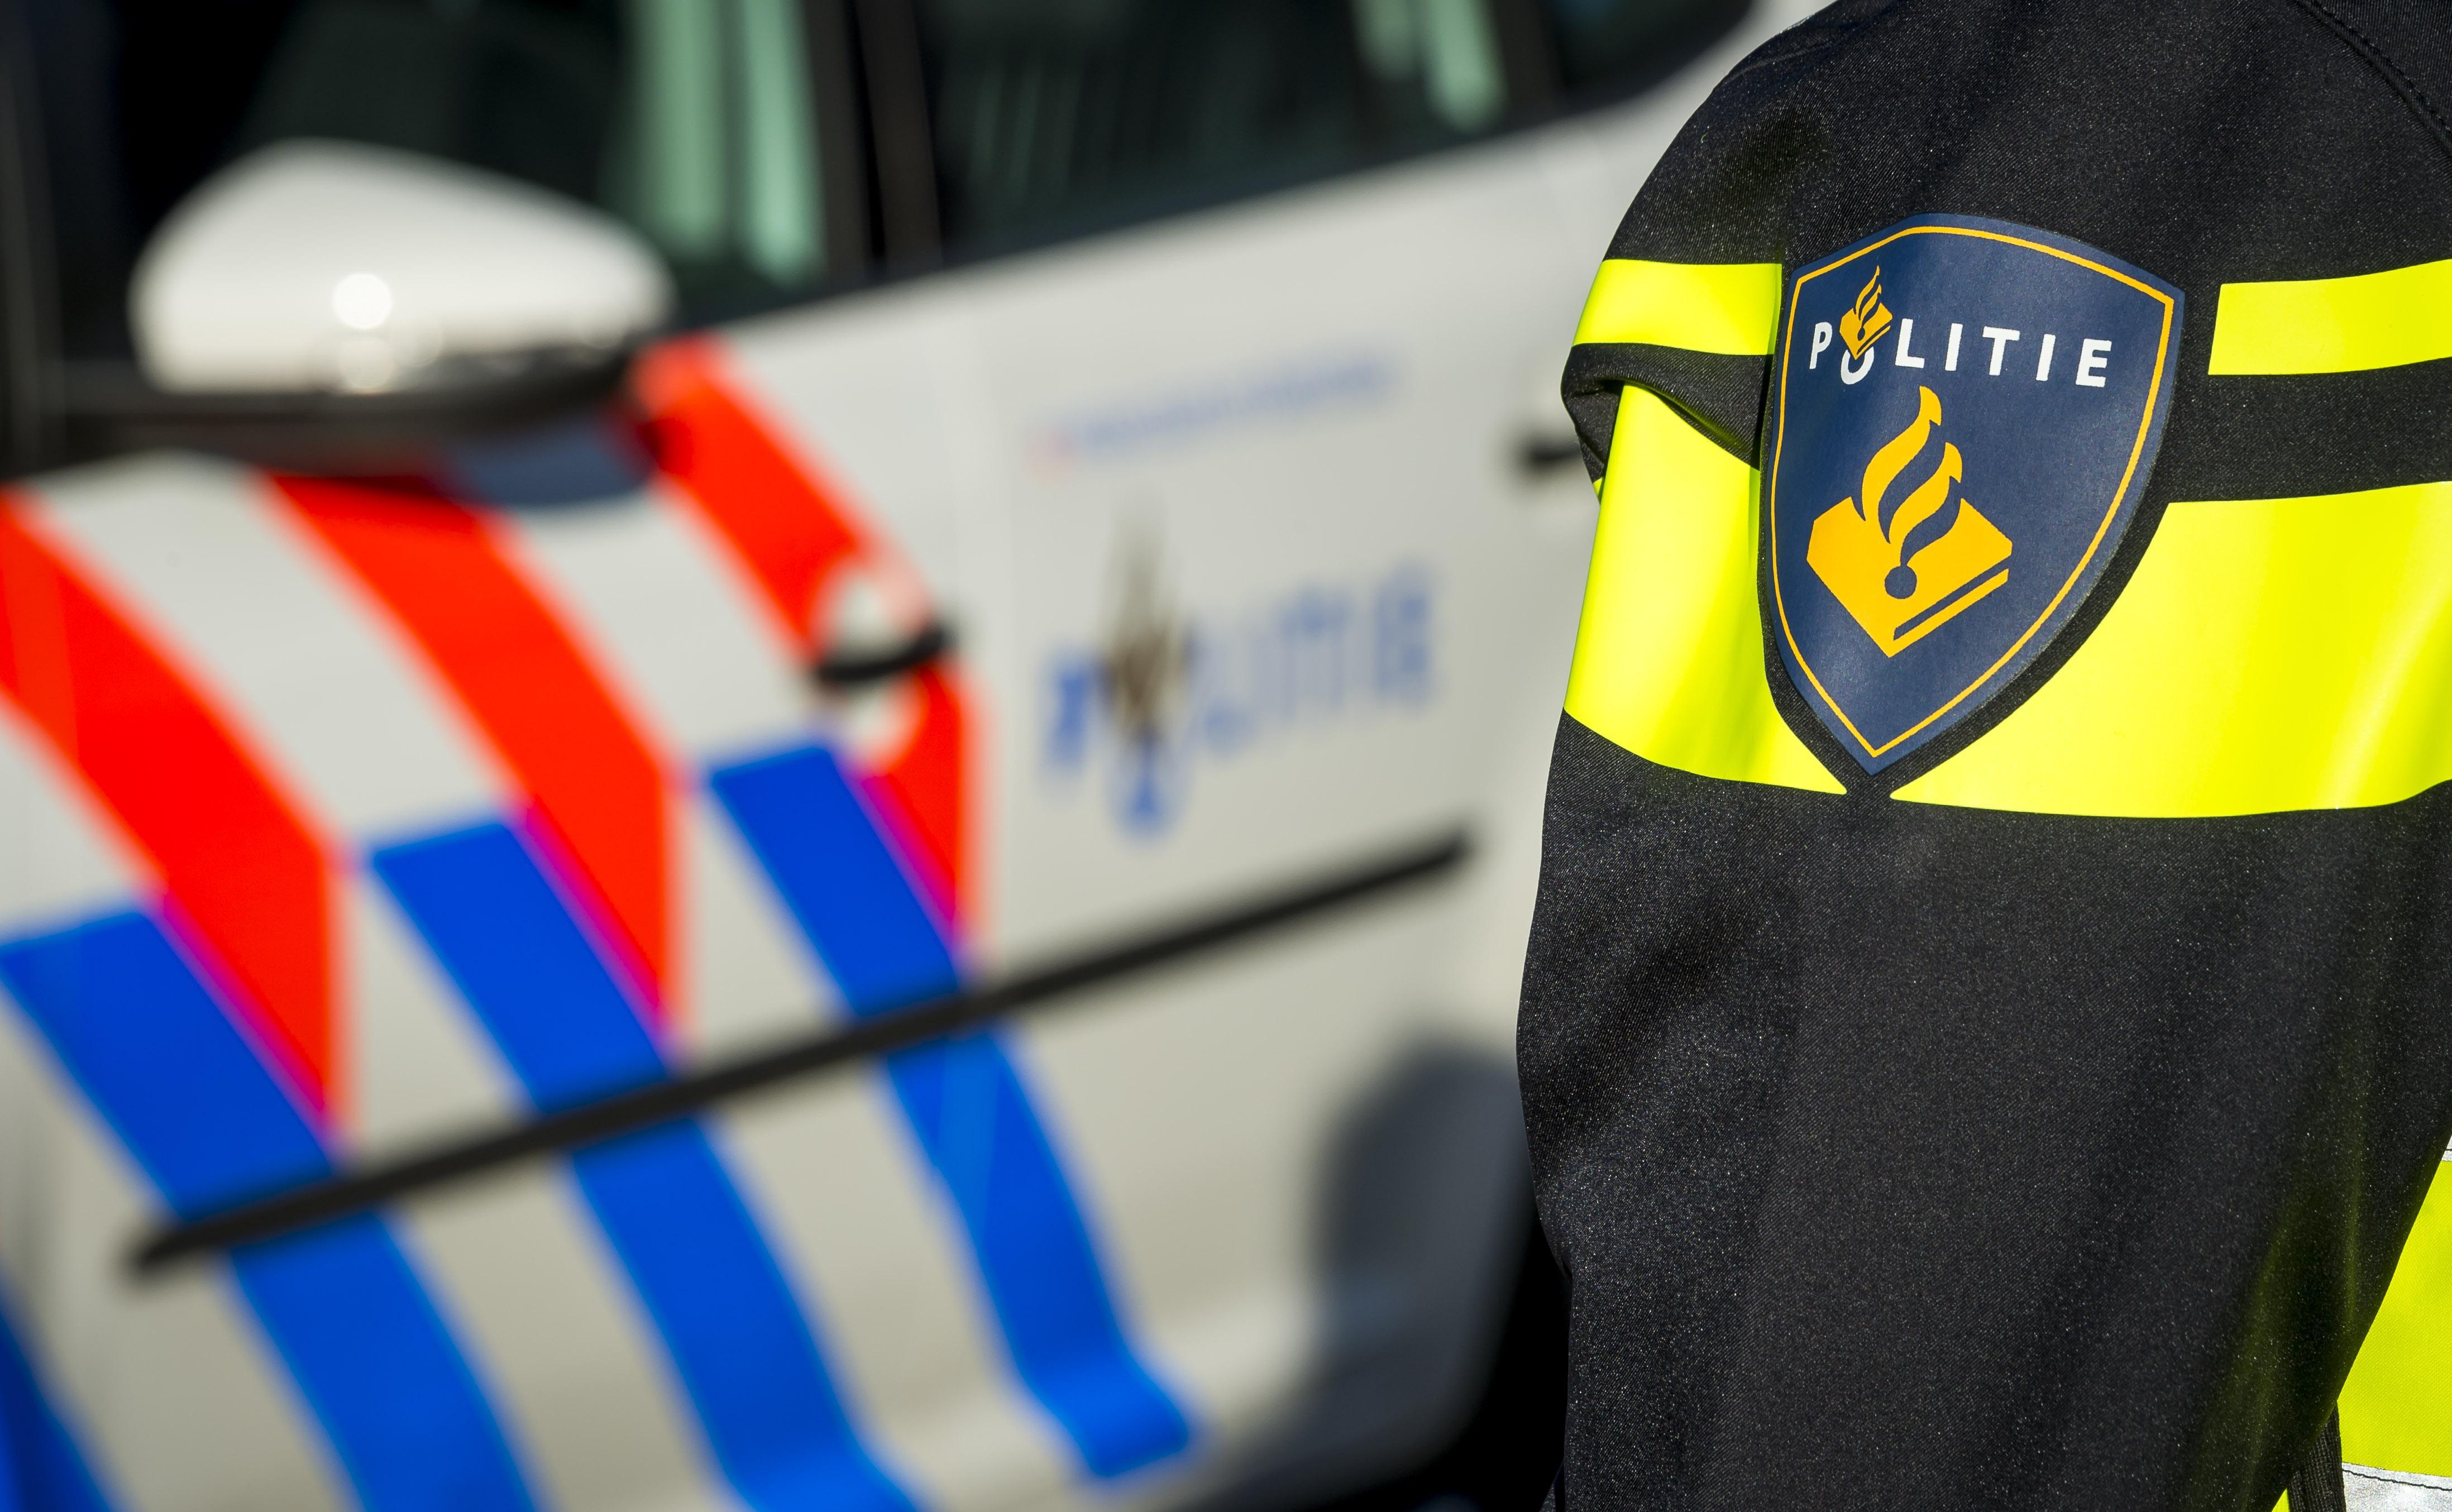 Horlogedief op heterdaad betrapt in Cruquius, gestolen autoradio van een week eerder blijkt al in zijn voertuig ingebouwd